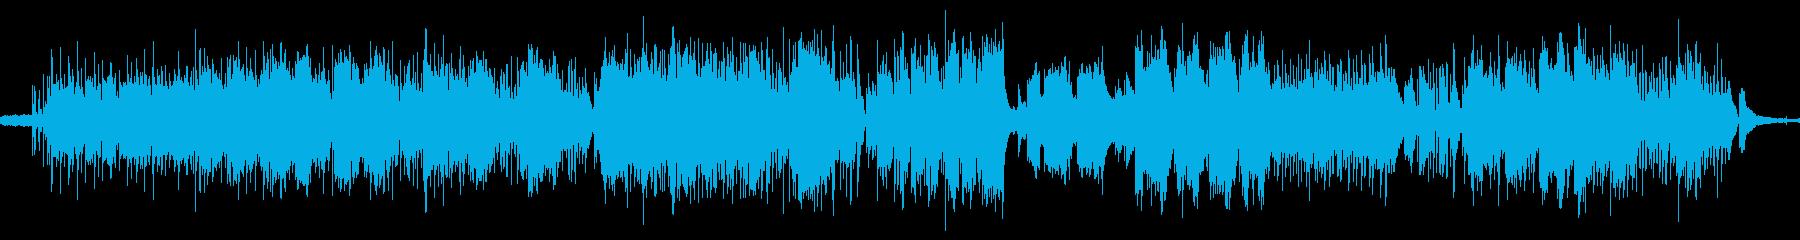 空砲の再生済みの波形